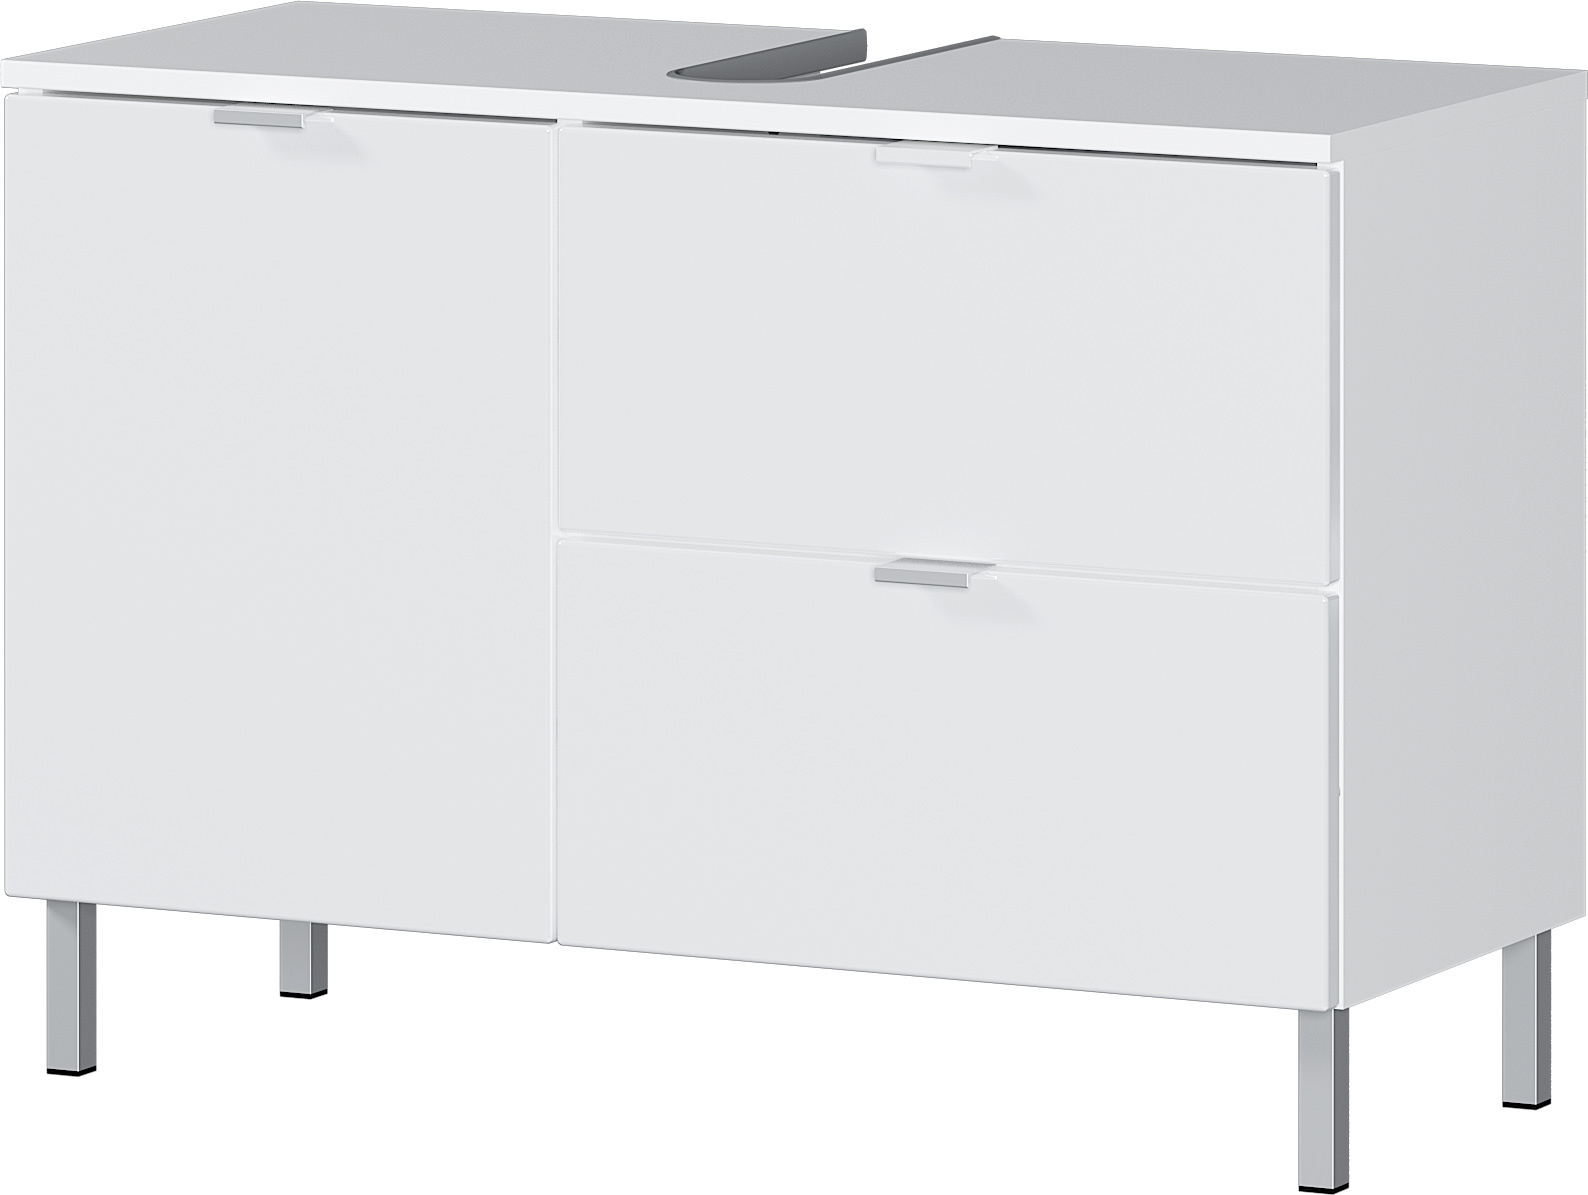 Wastafelonderkast Bruno L 56 cm hoog in wit